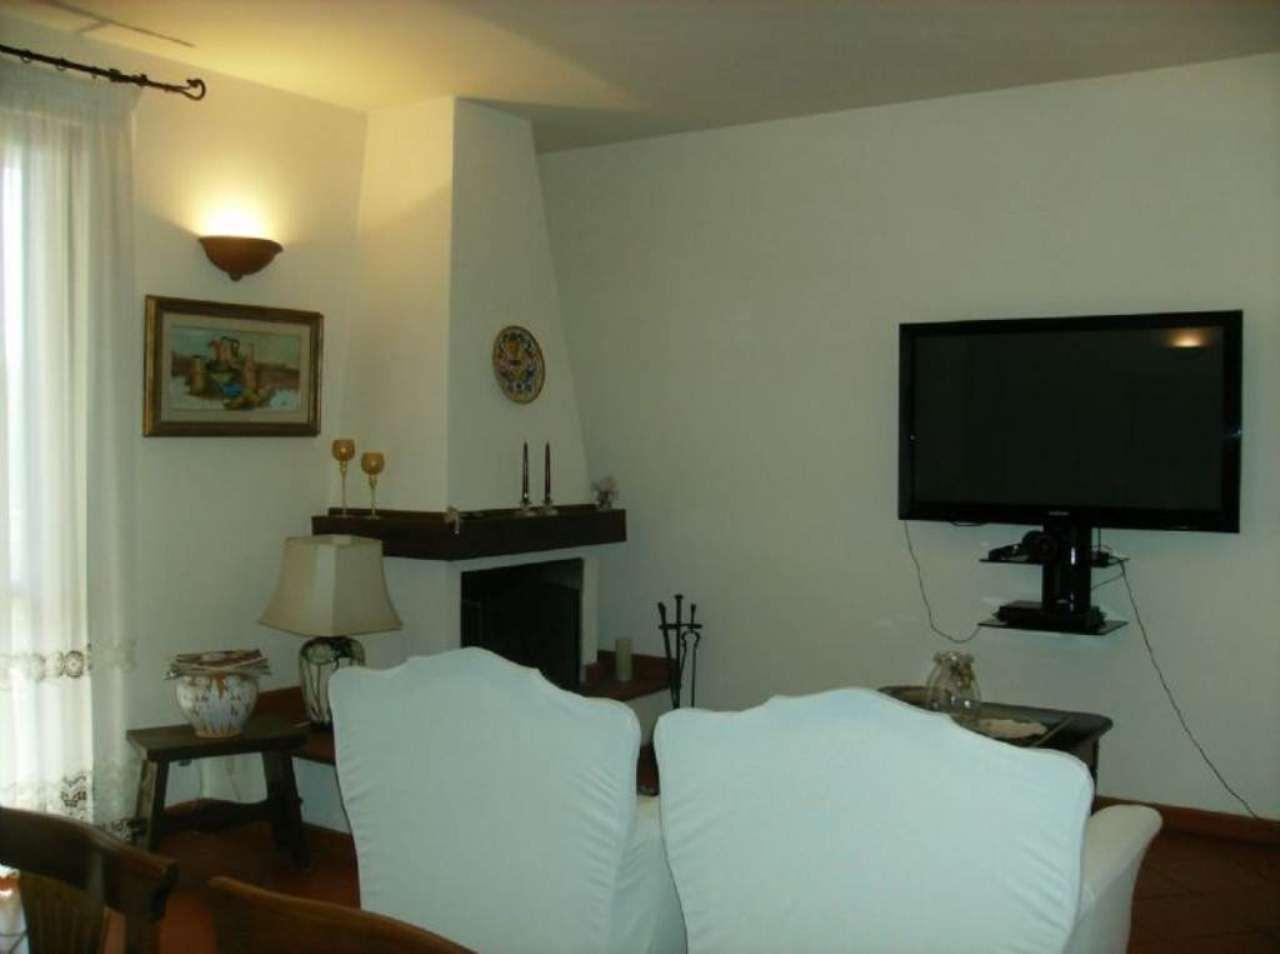 Palazzo / Stabile in vendita a Scandicci, 7 locali, prezzo € 390.000 | Cambio Casa.it